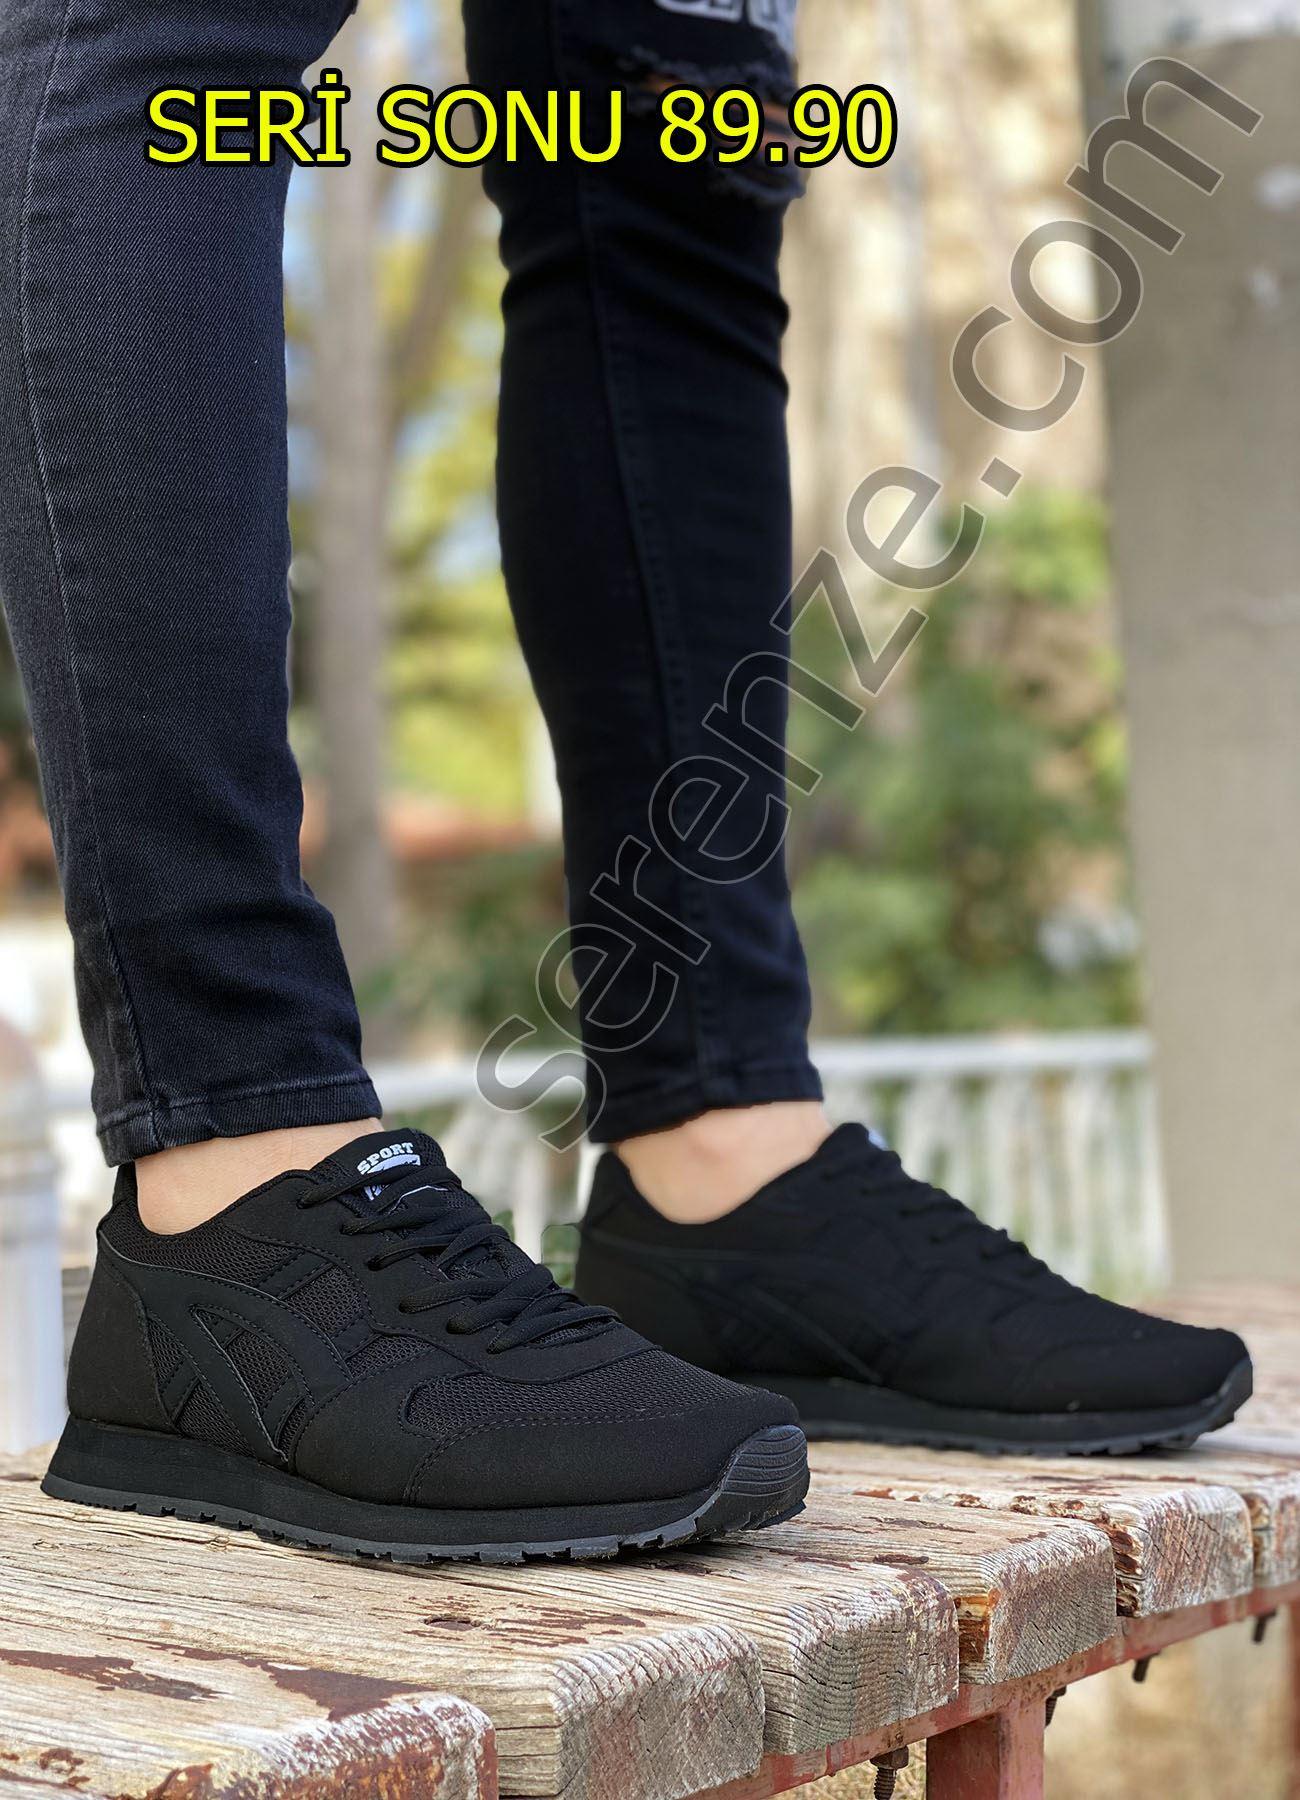 Siyah Siyah Çizgi Detay Erkek Spor Ayakkabı